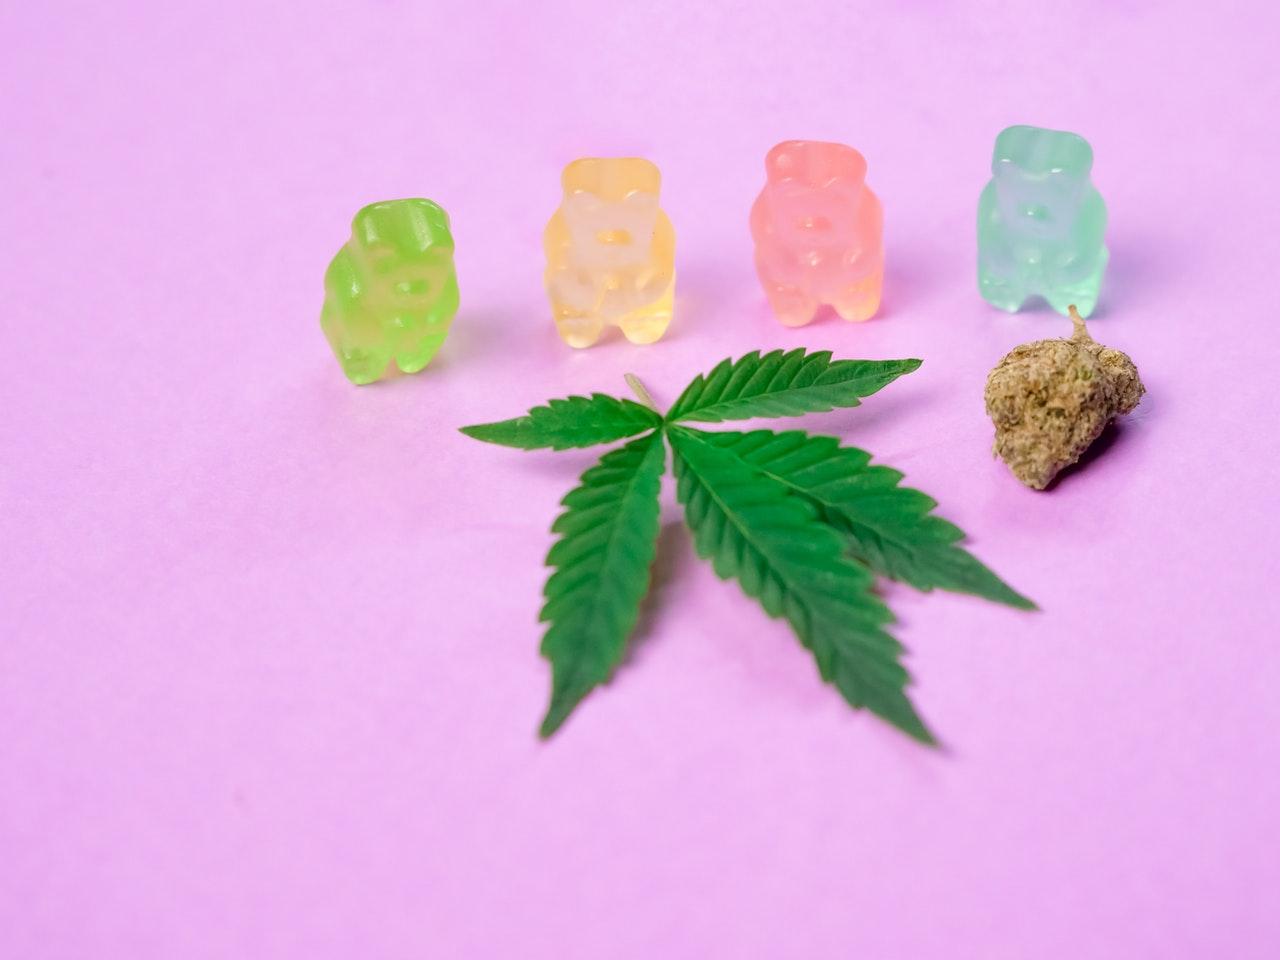 marijuana gummy bears next to pot leaf